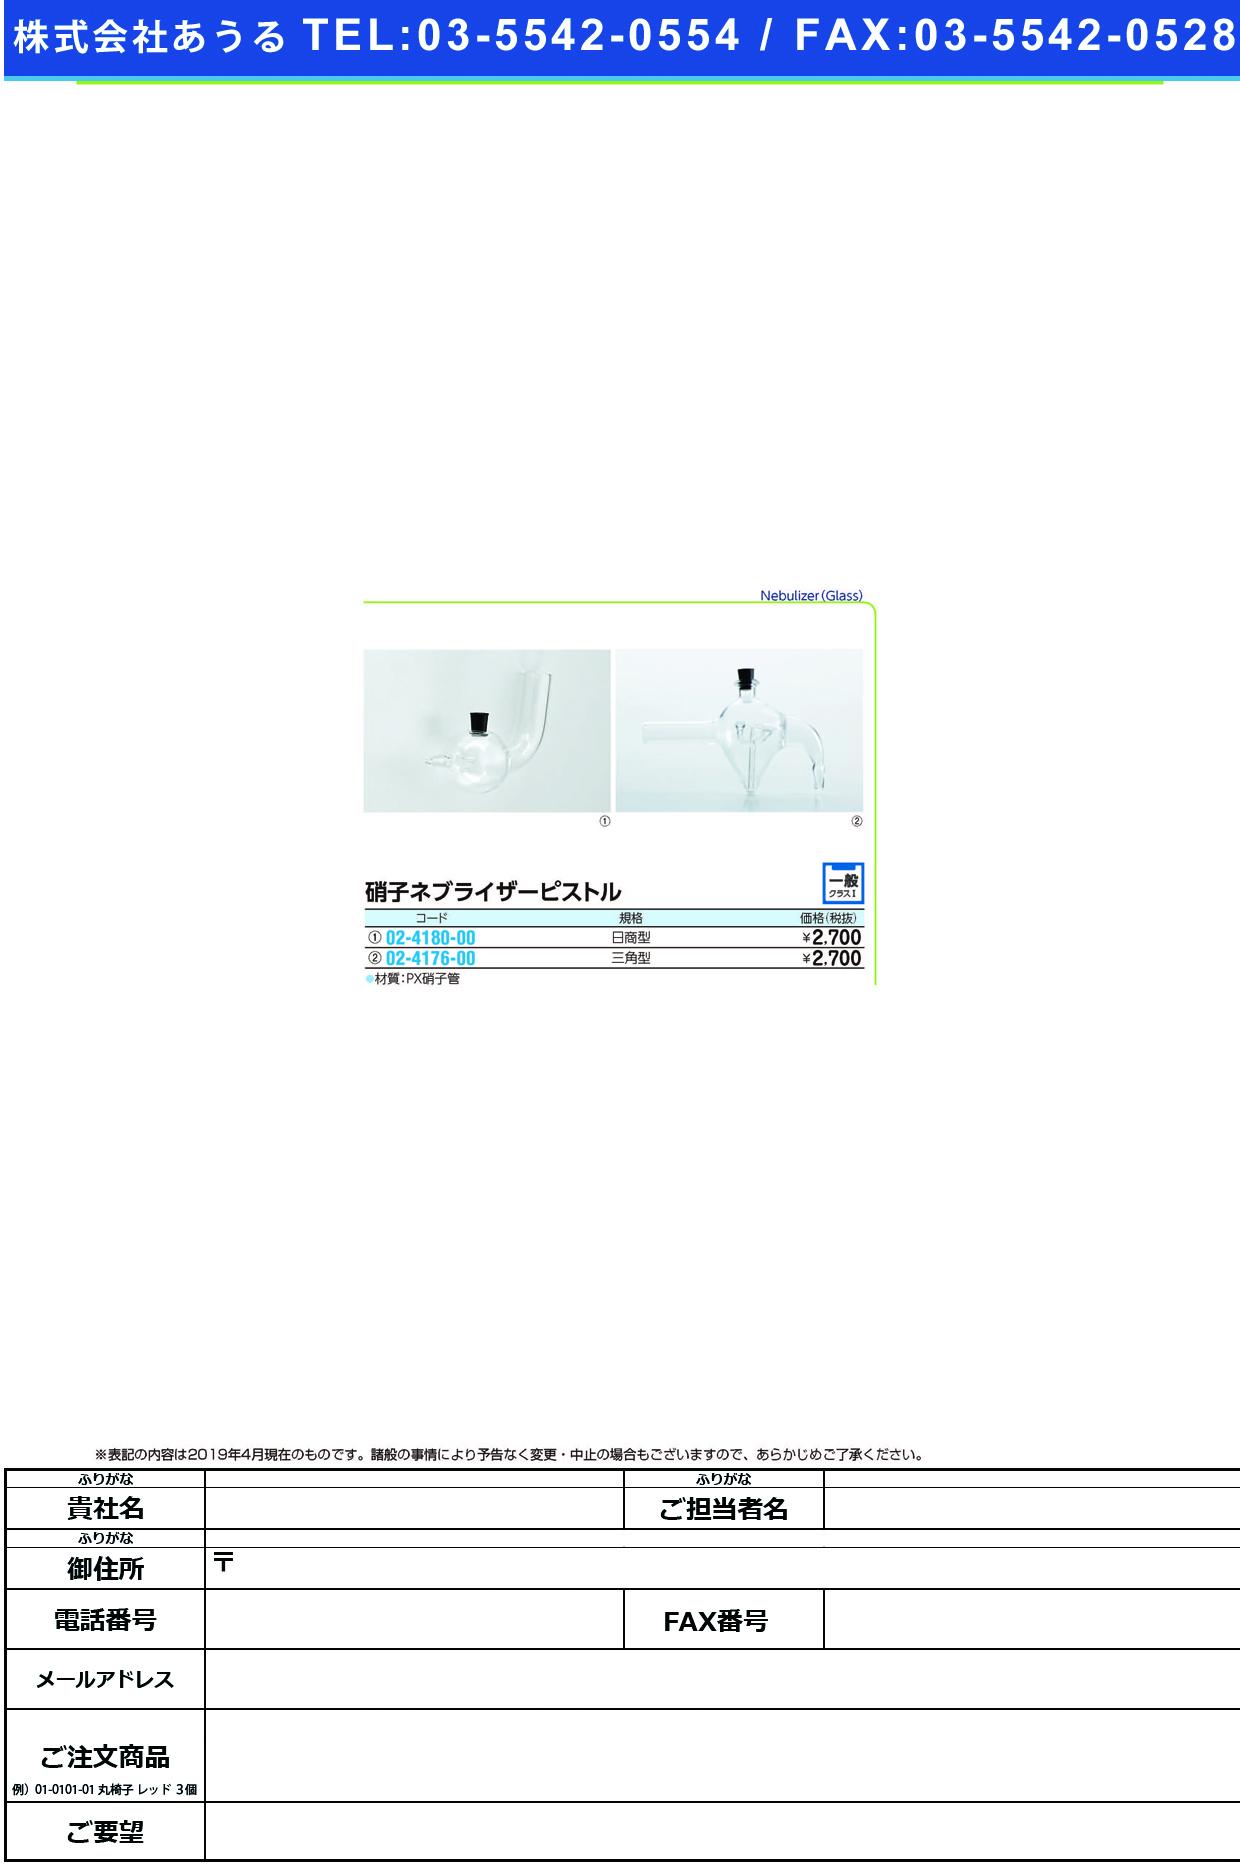 (02-4180-00)硝子ネブライザーピストル(日商型) Lガタ ネブライザーピストル(ニッショウ)【1個単位】【2019年カタログ商品】